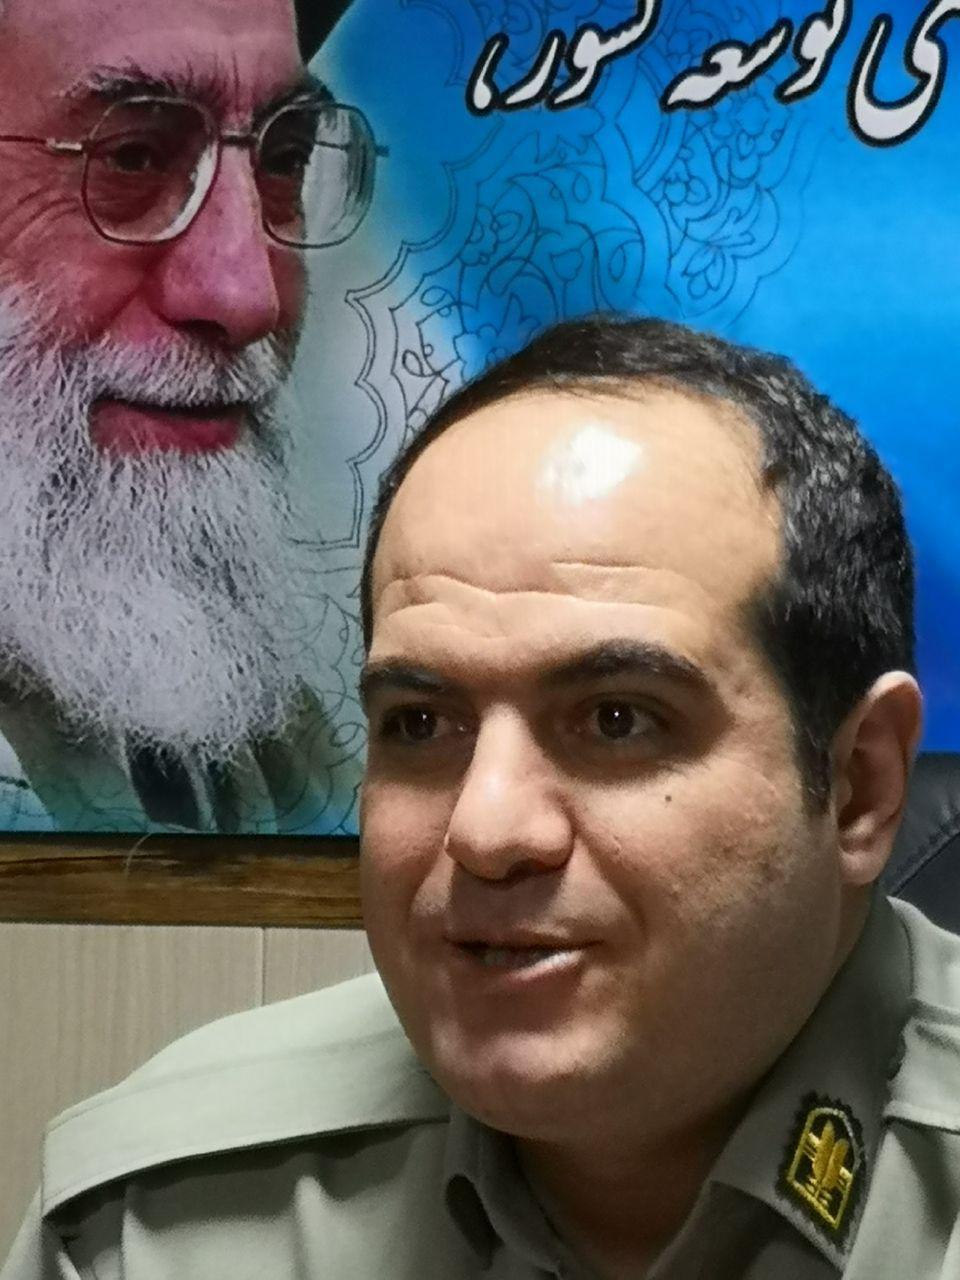 مدیر کل حفاظت محیط زیست فارس :حقابه تالاب ها باید داده شود